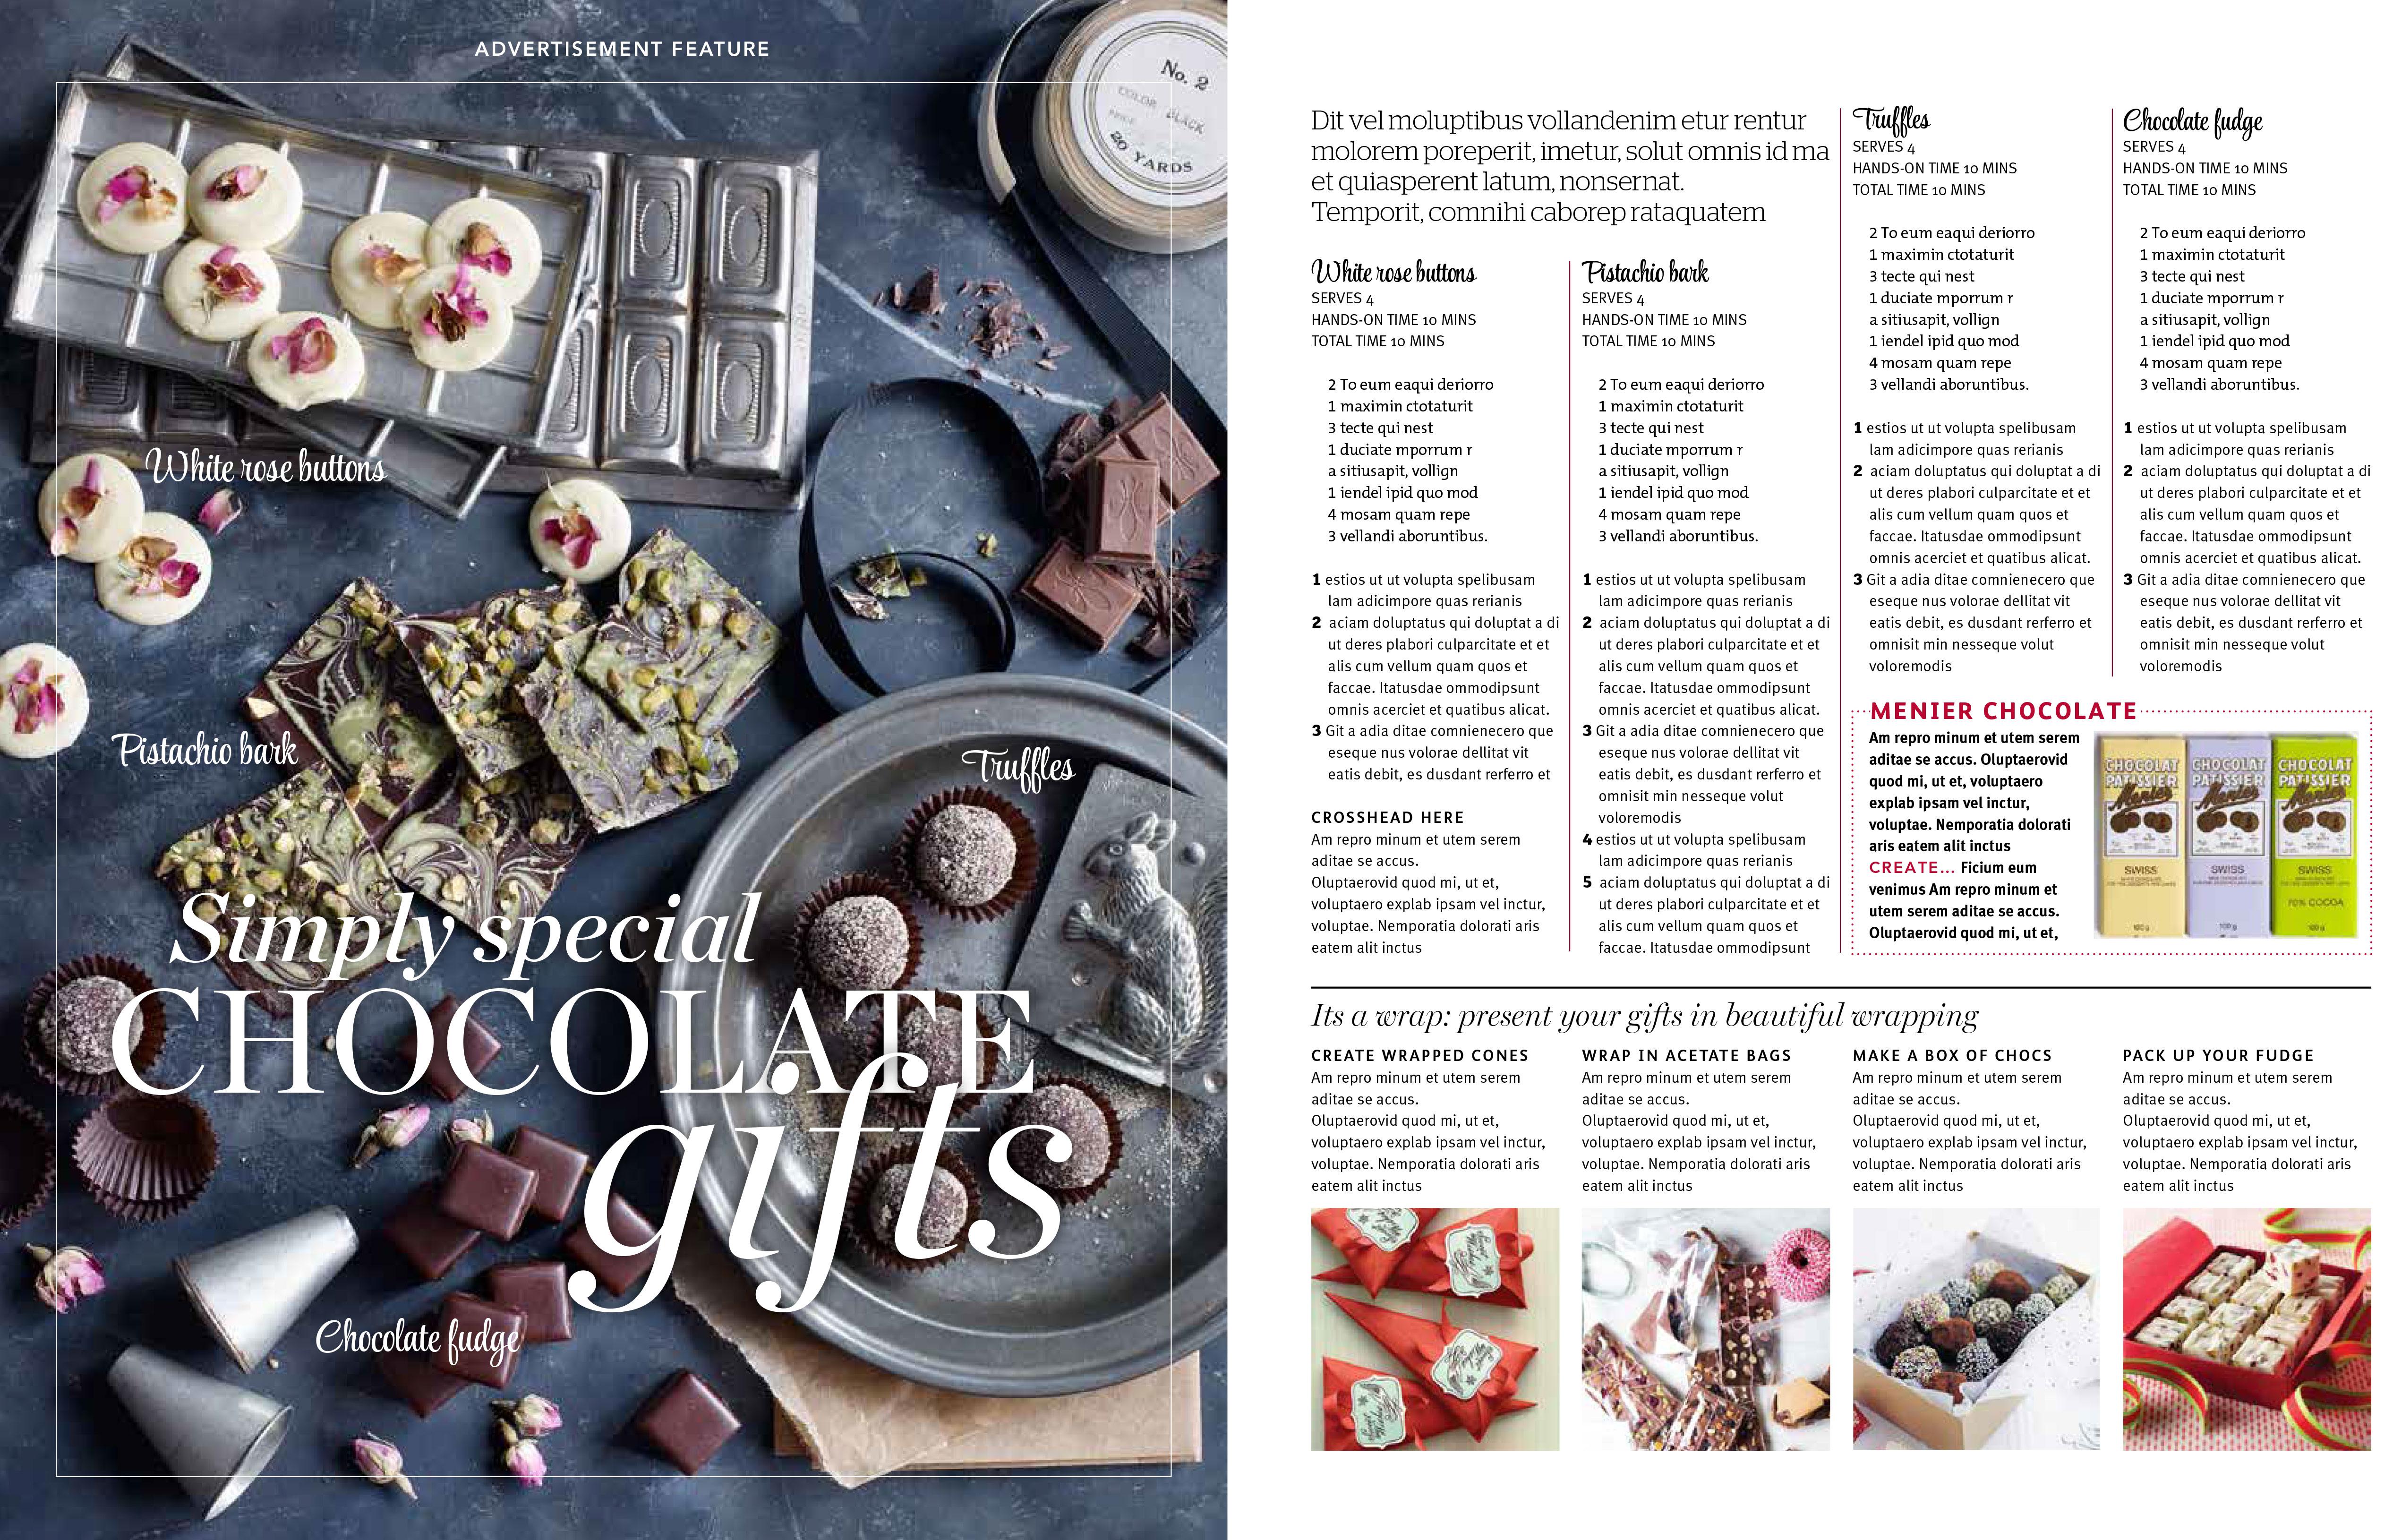 Chocolate-bound-in_menier